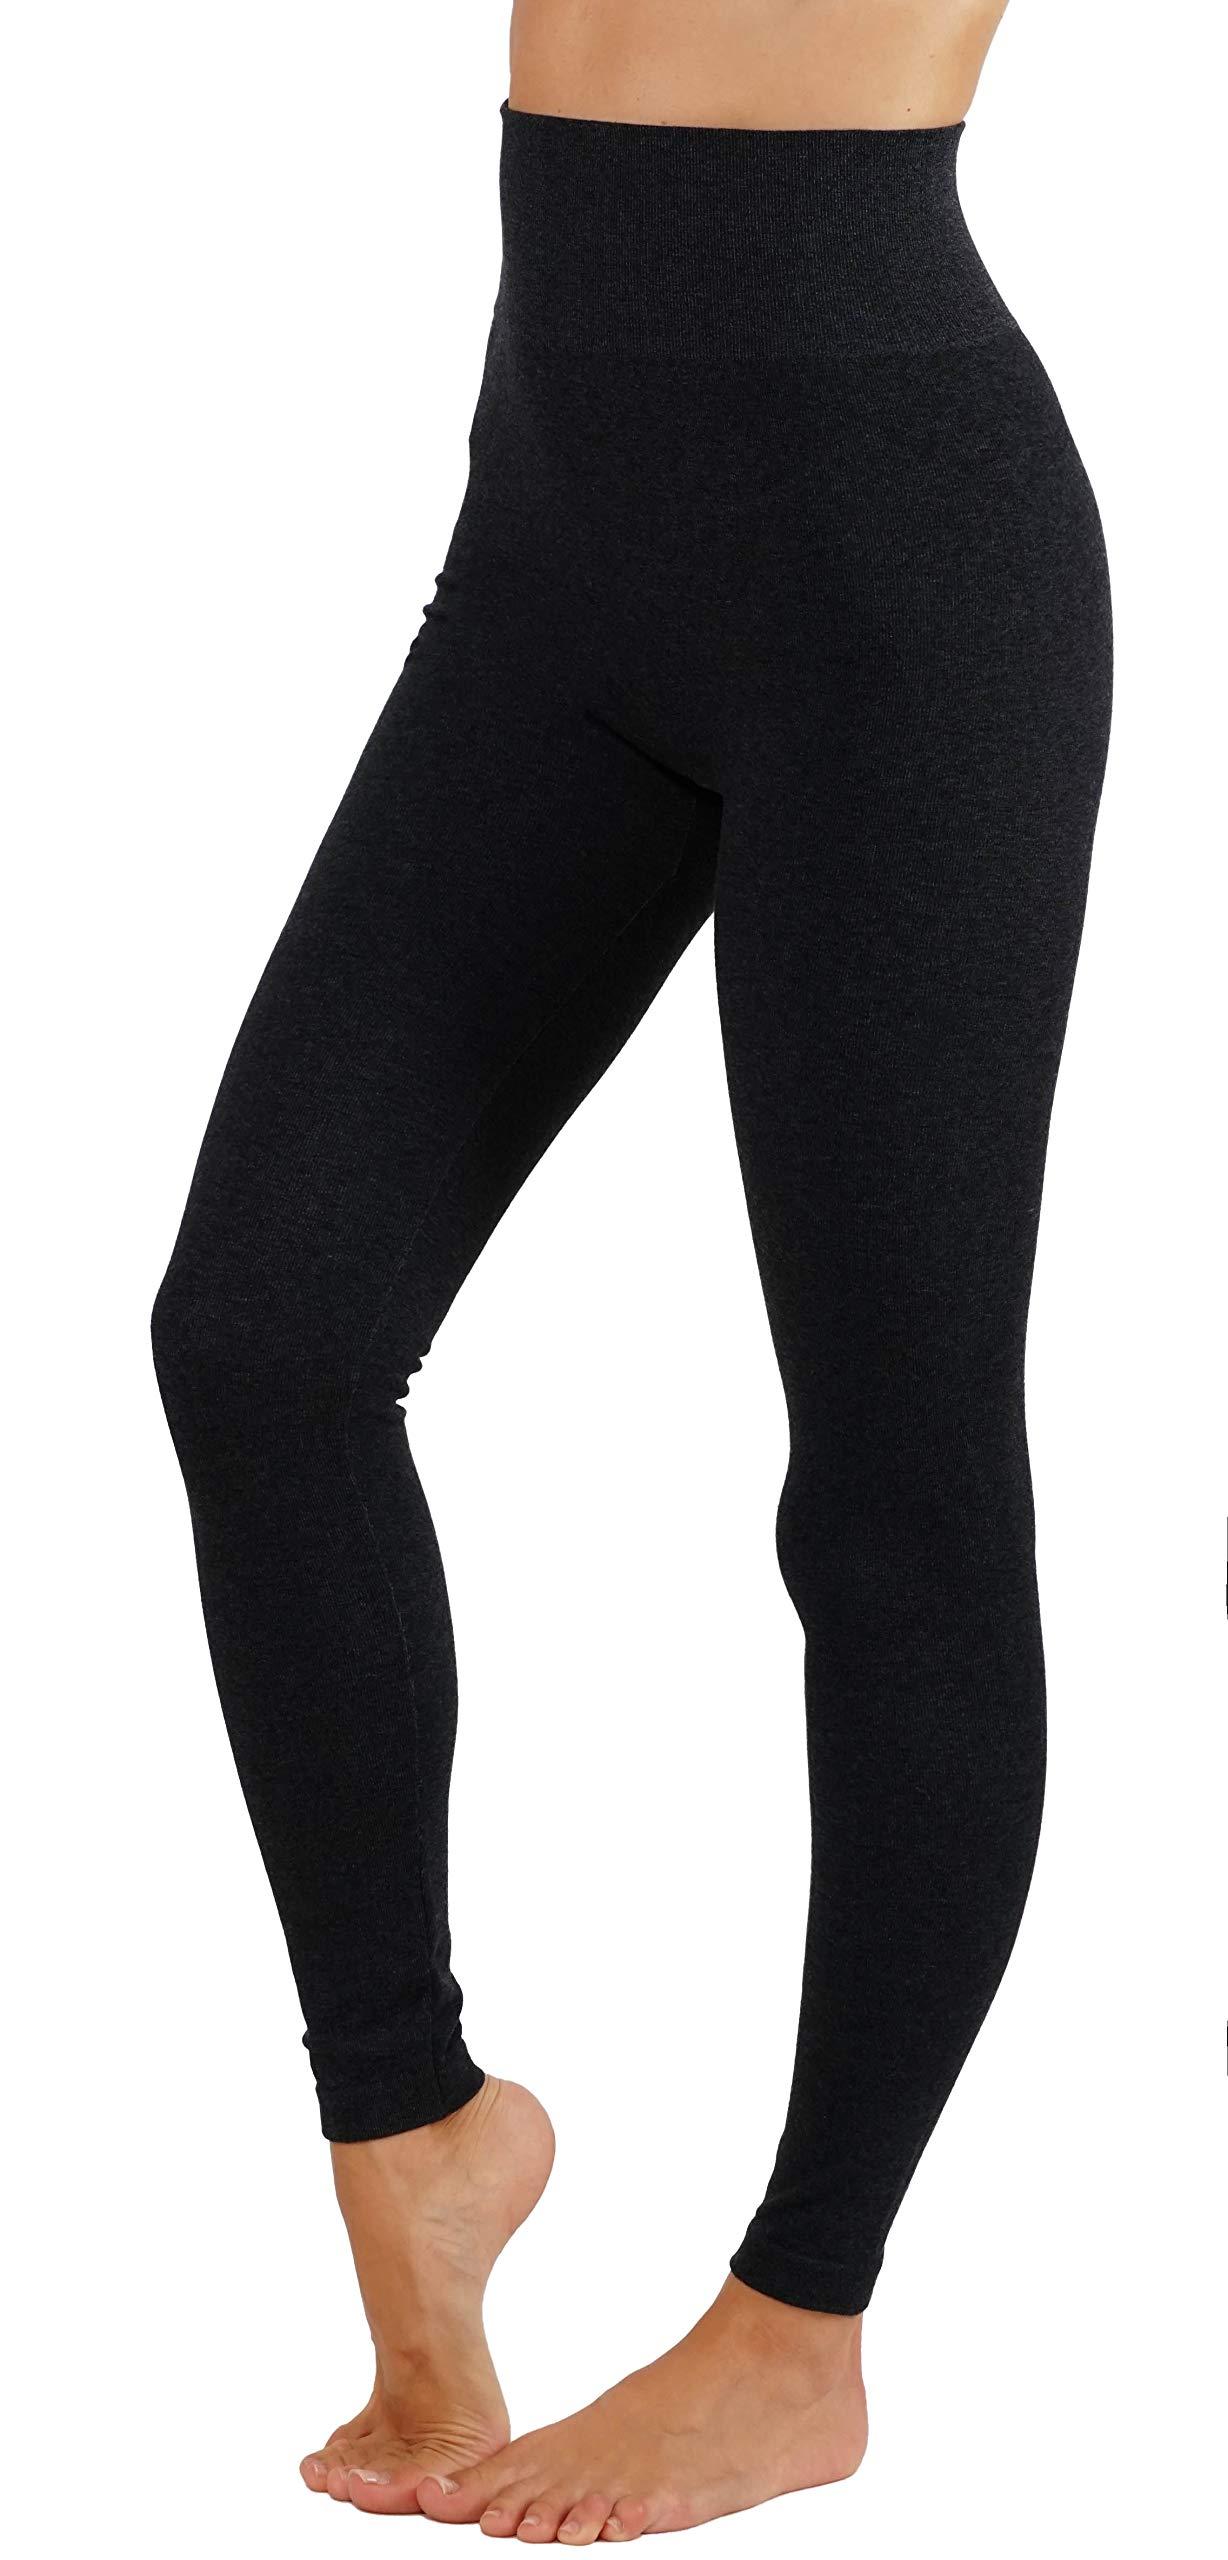 Women's Leggings Soft Basic Coton Blend Solid Color Yoga Pants Wide Waistband (L/XL us 8-12, YG010-BLK)